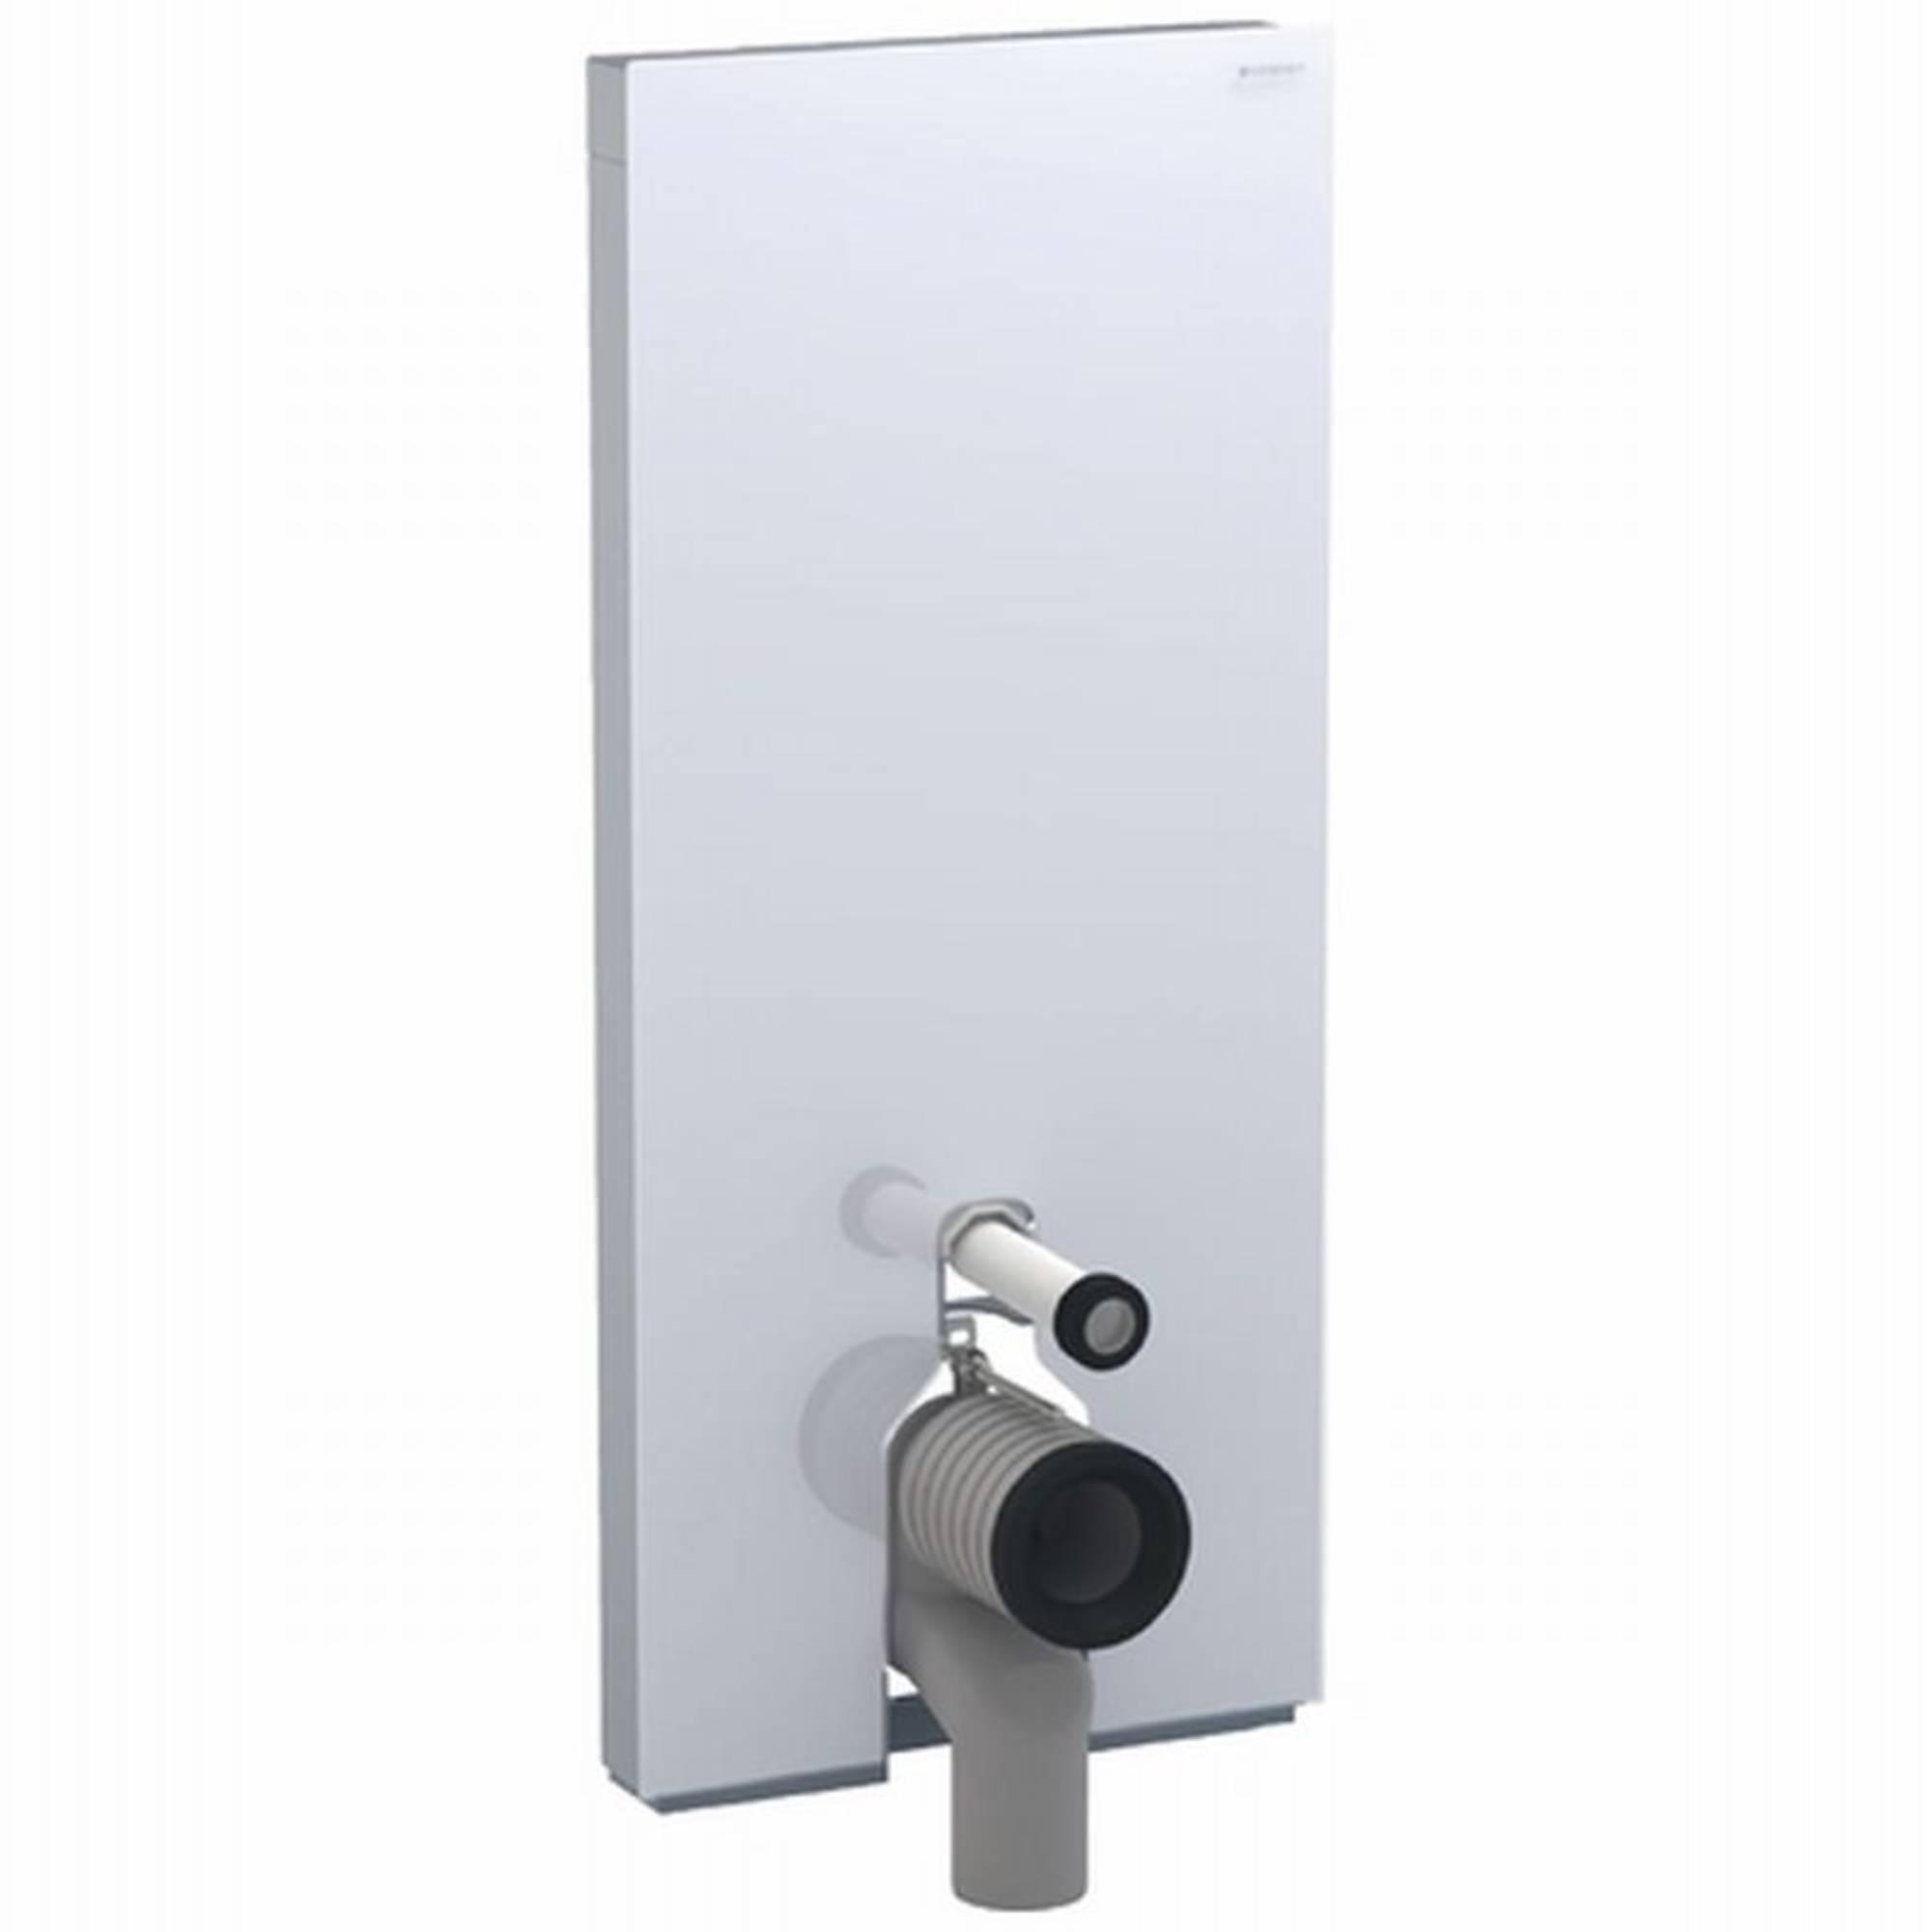 Geberit Monolith plus module voor staand closet h114 glas umbra aluminium